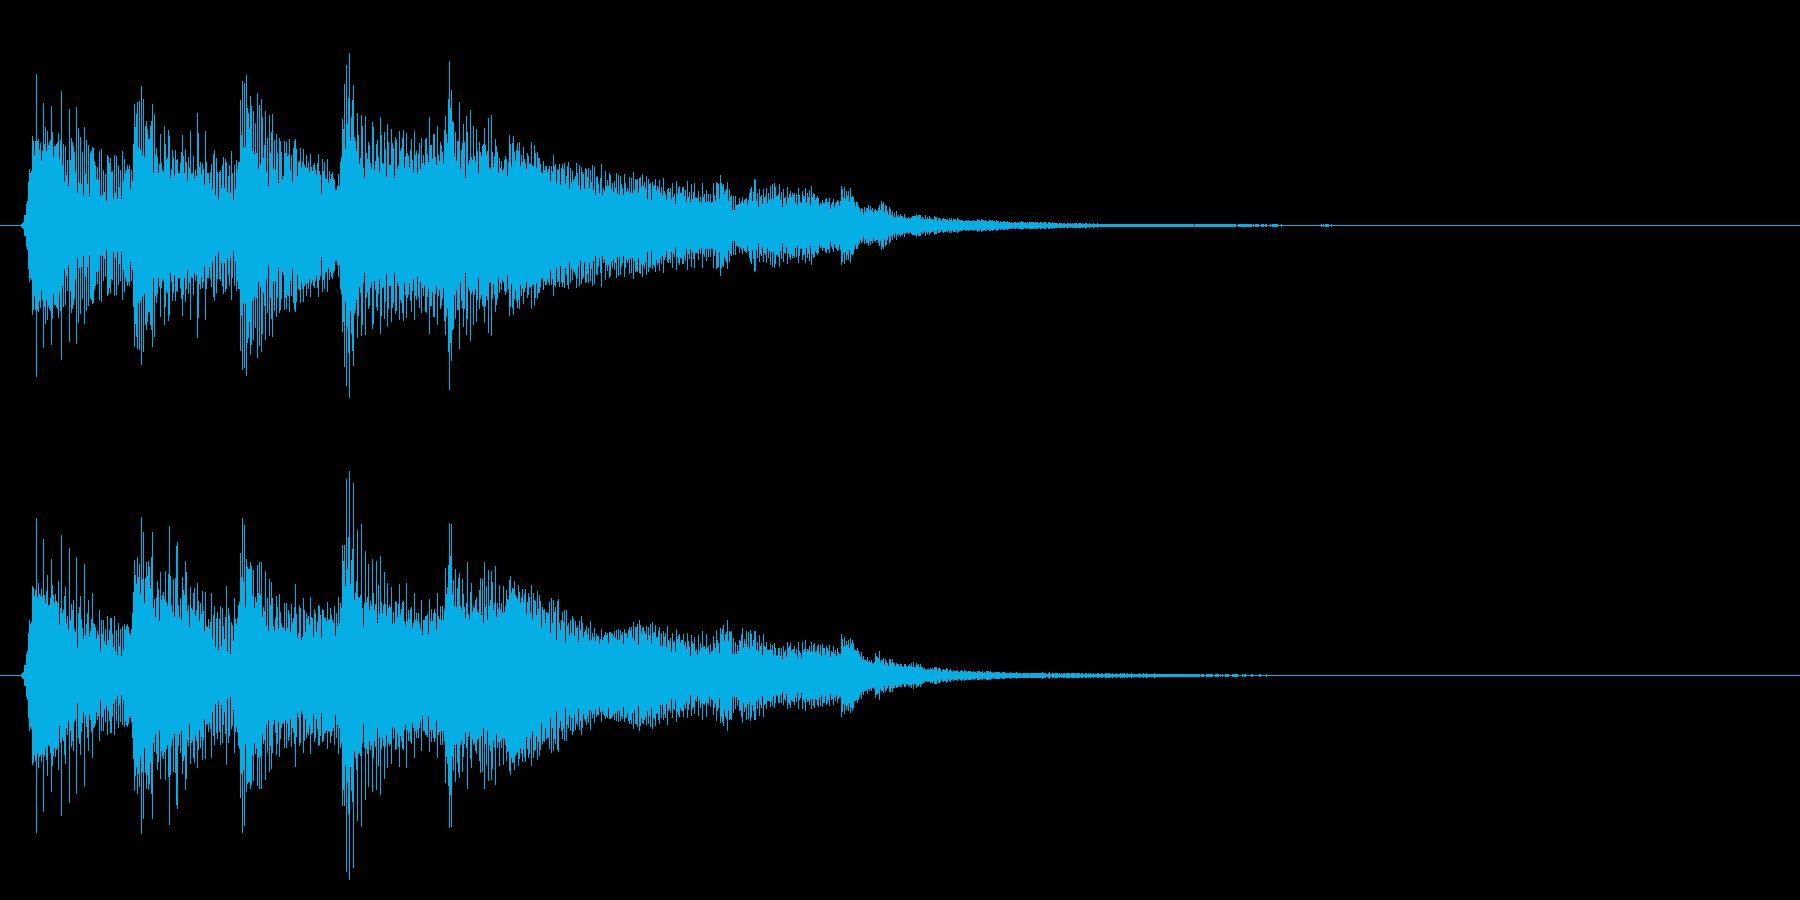 ゲームクリア 達成 成功 正解 8bitの再生済みの波形